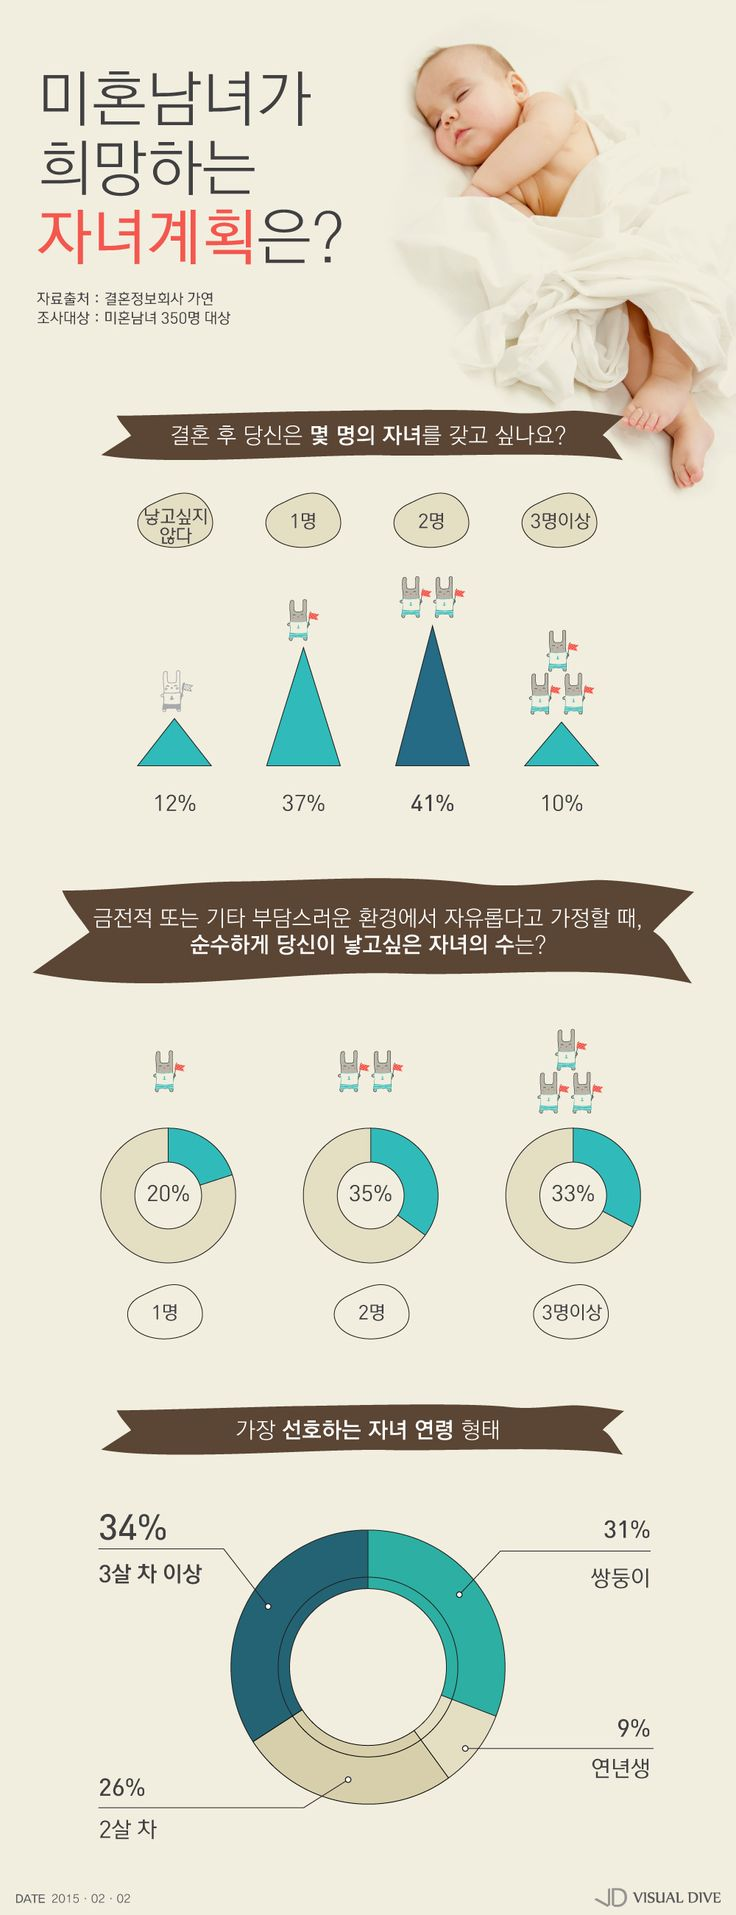 '슈퍼맨이 돌아왔다' 영향? 미혼남녀 31%, 쌍둥이 선호 [인포그래픽] #twin / #Infographic ⓒ 비주얼다이브 무단 복사·전재·재배포 금지